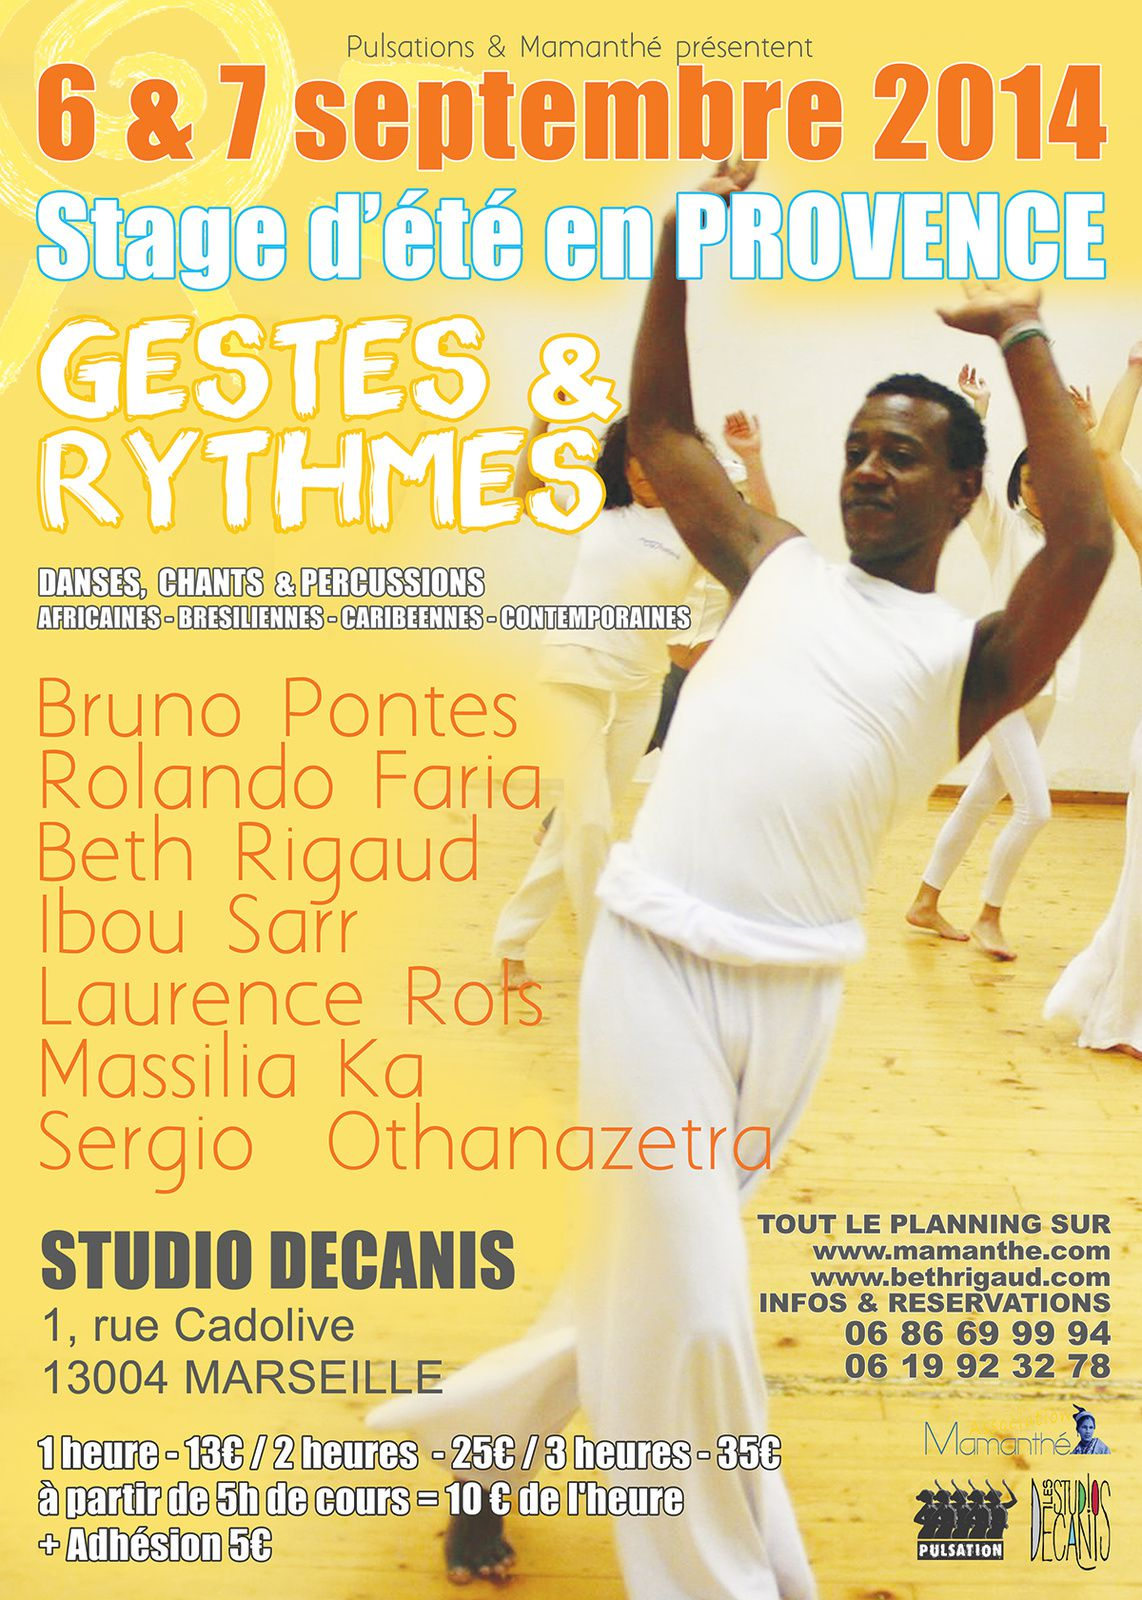 Du 06 au 07/09/14 - Stage d'été en Provence &quot&#x3B;Gestes &amp&#x3B; Rythmes&quot&#x3B; - Marseille